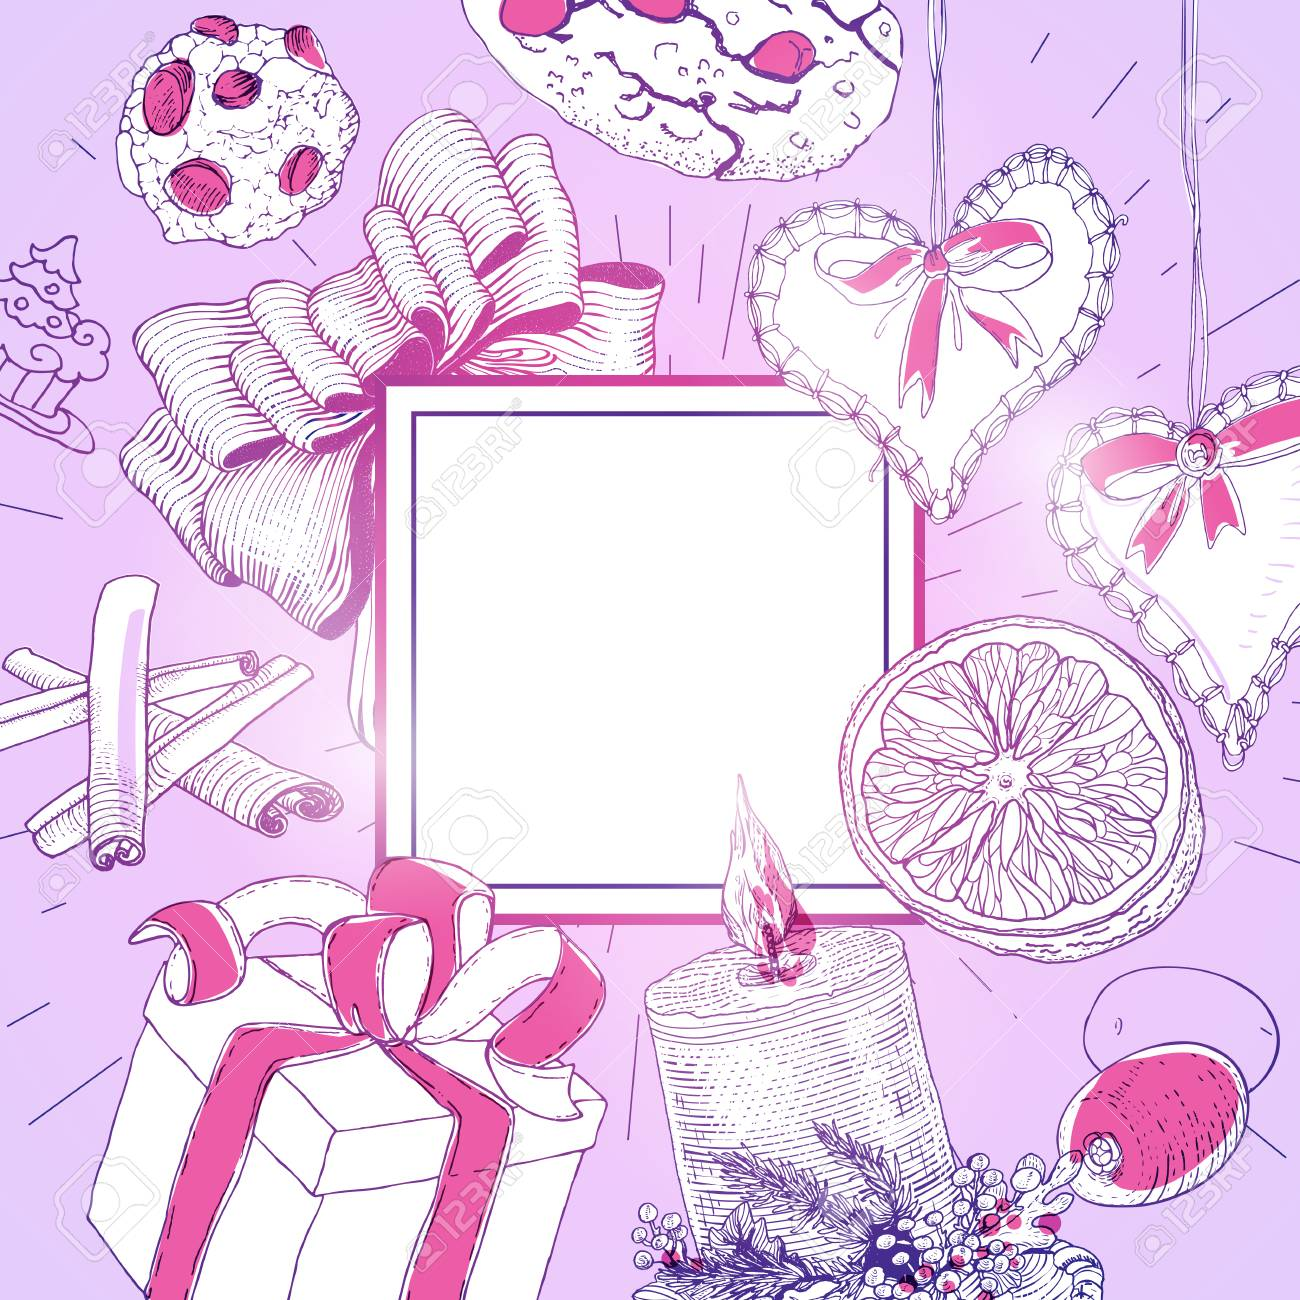 Tarjeta De Navidad De La Vendimia Con Ilustraciones De Dibujo Lineal